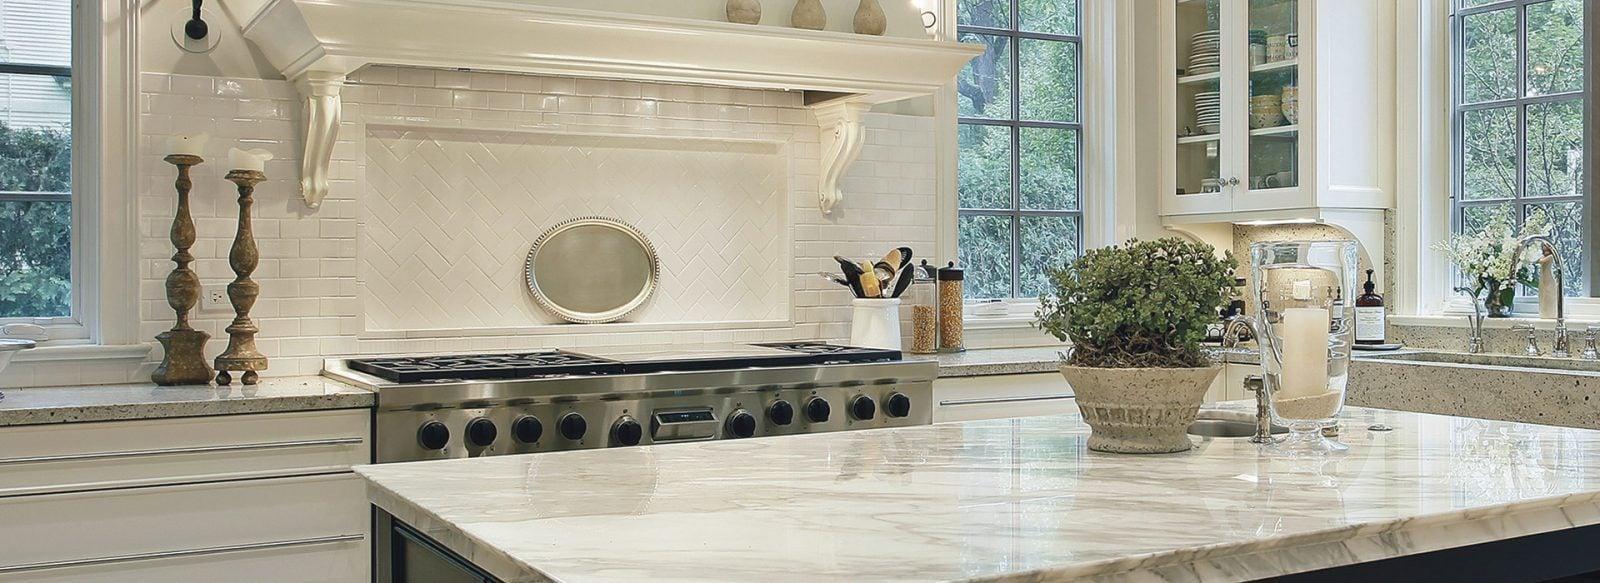 Reinigung und Schutz von Arbeitsplatten aus poliertem Marmor